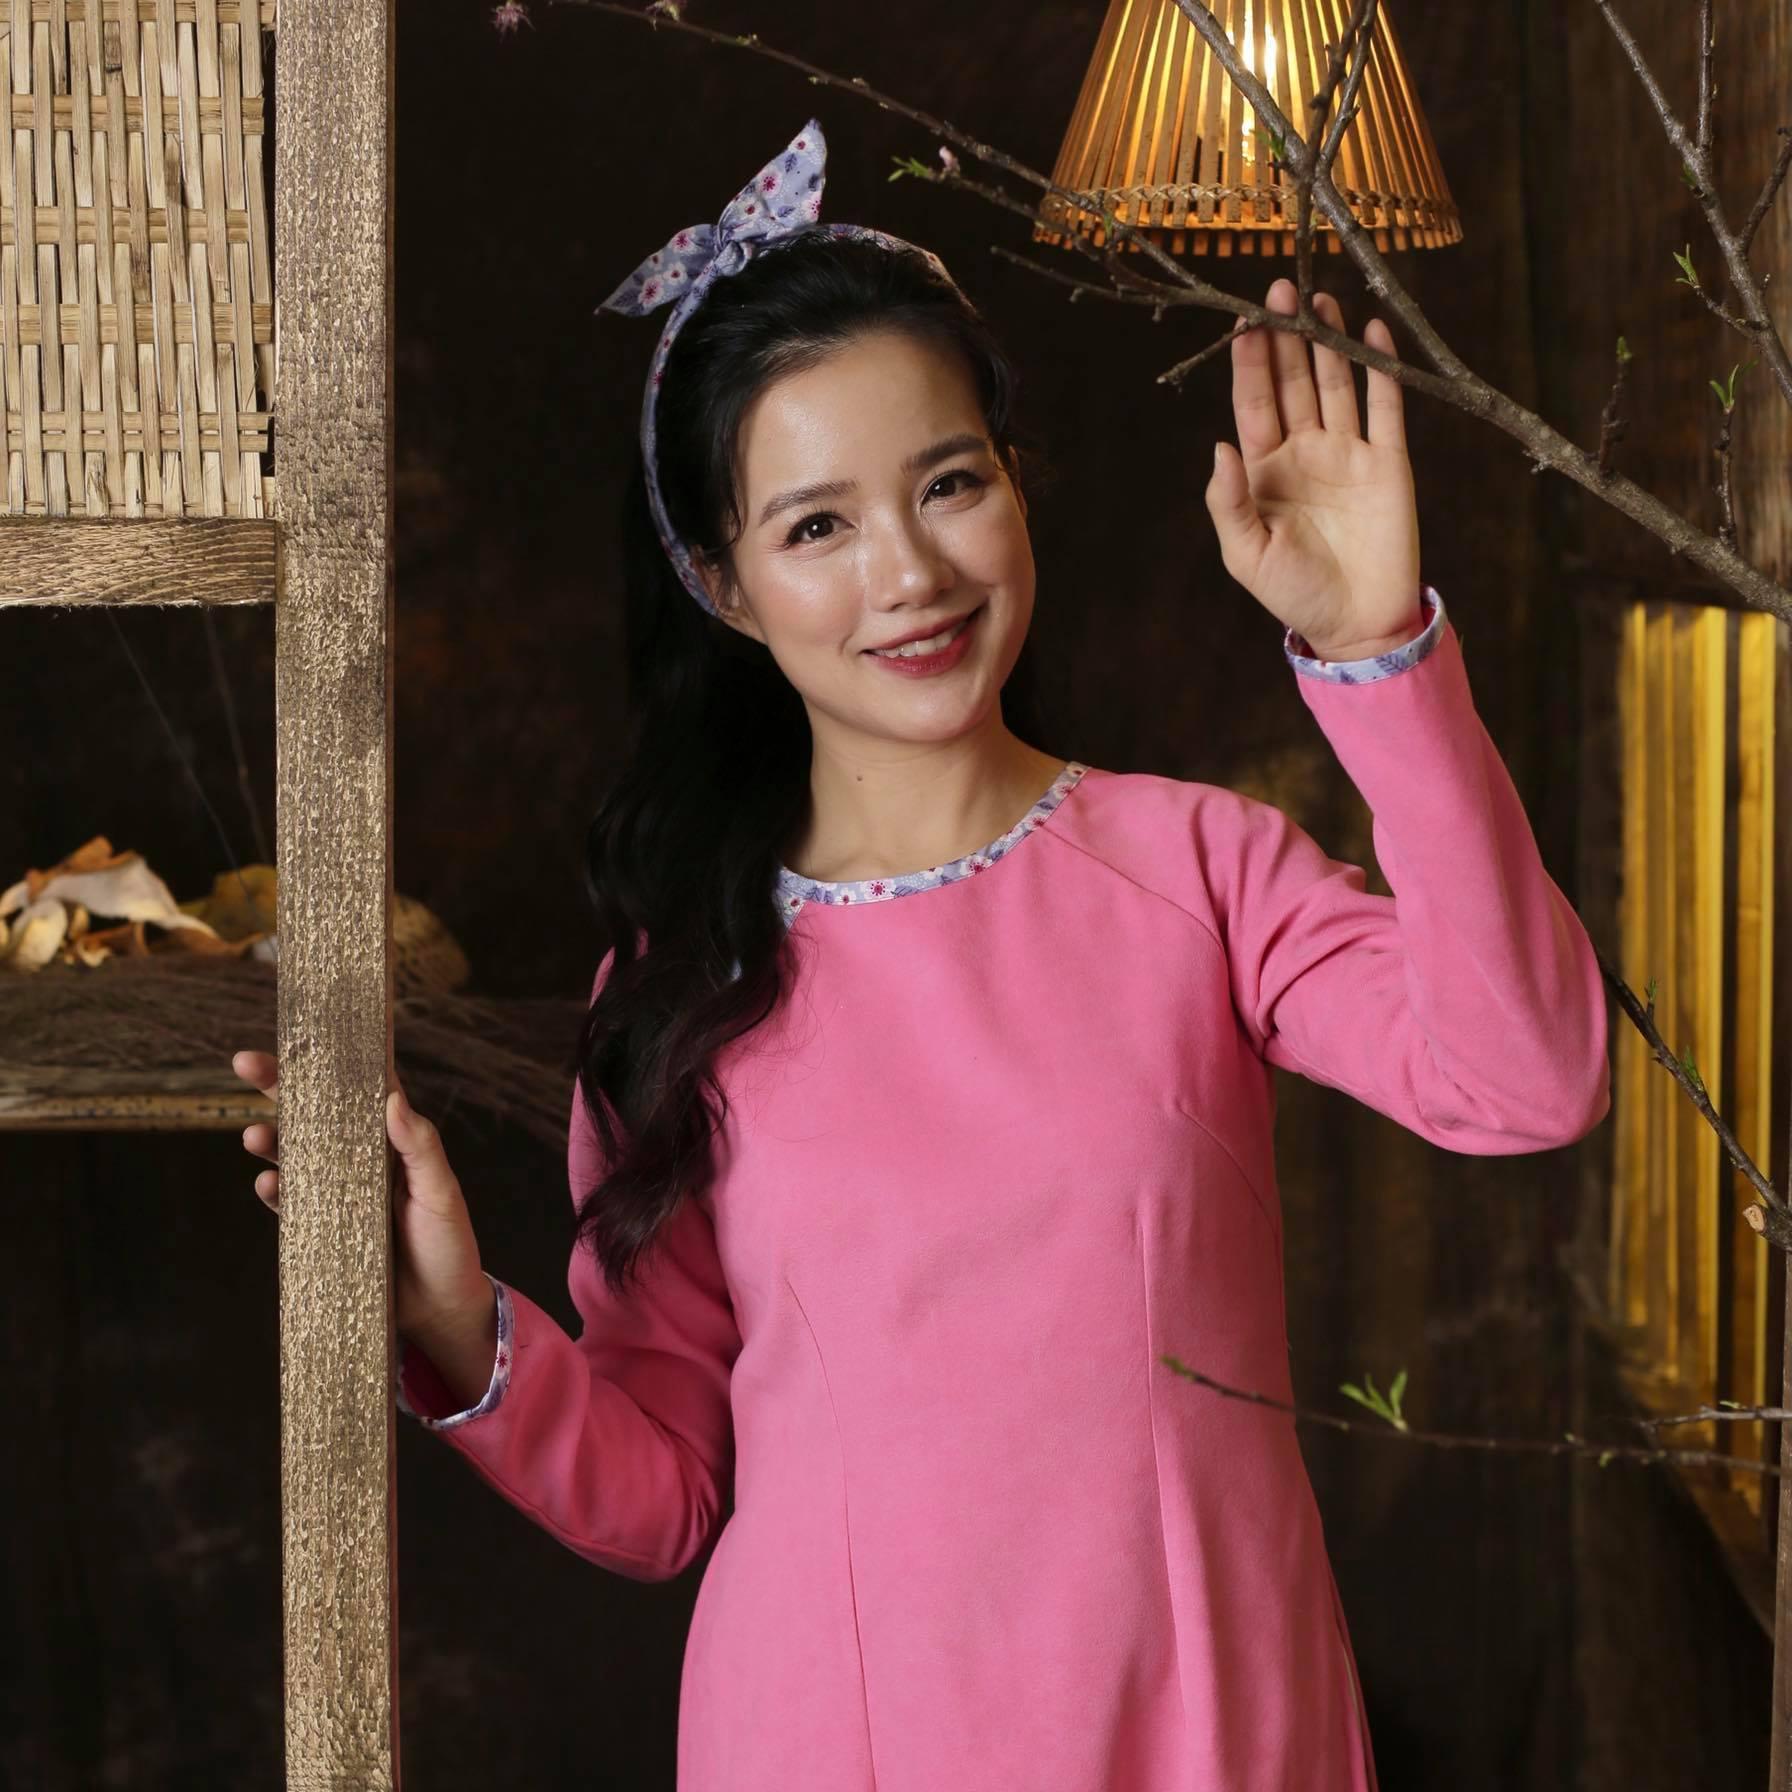 'Hot mom 4 con' MC Minh Trang mách nước dạy dỗ bầy con những ngày nghỉ học phòng dịch - Ảnh 5.